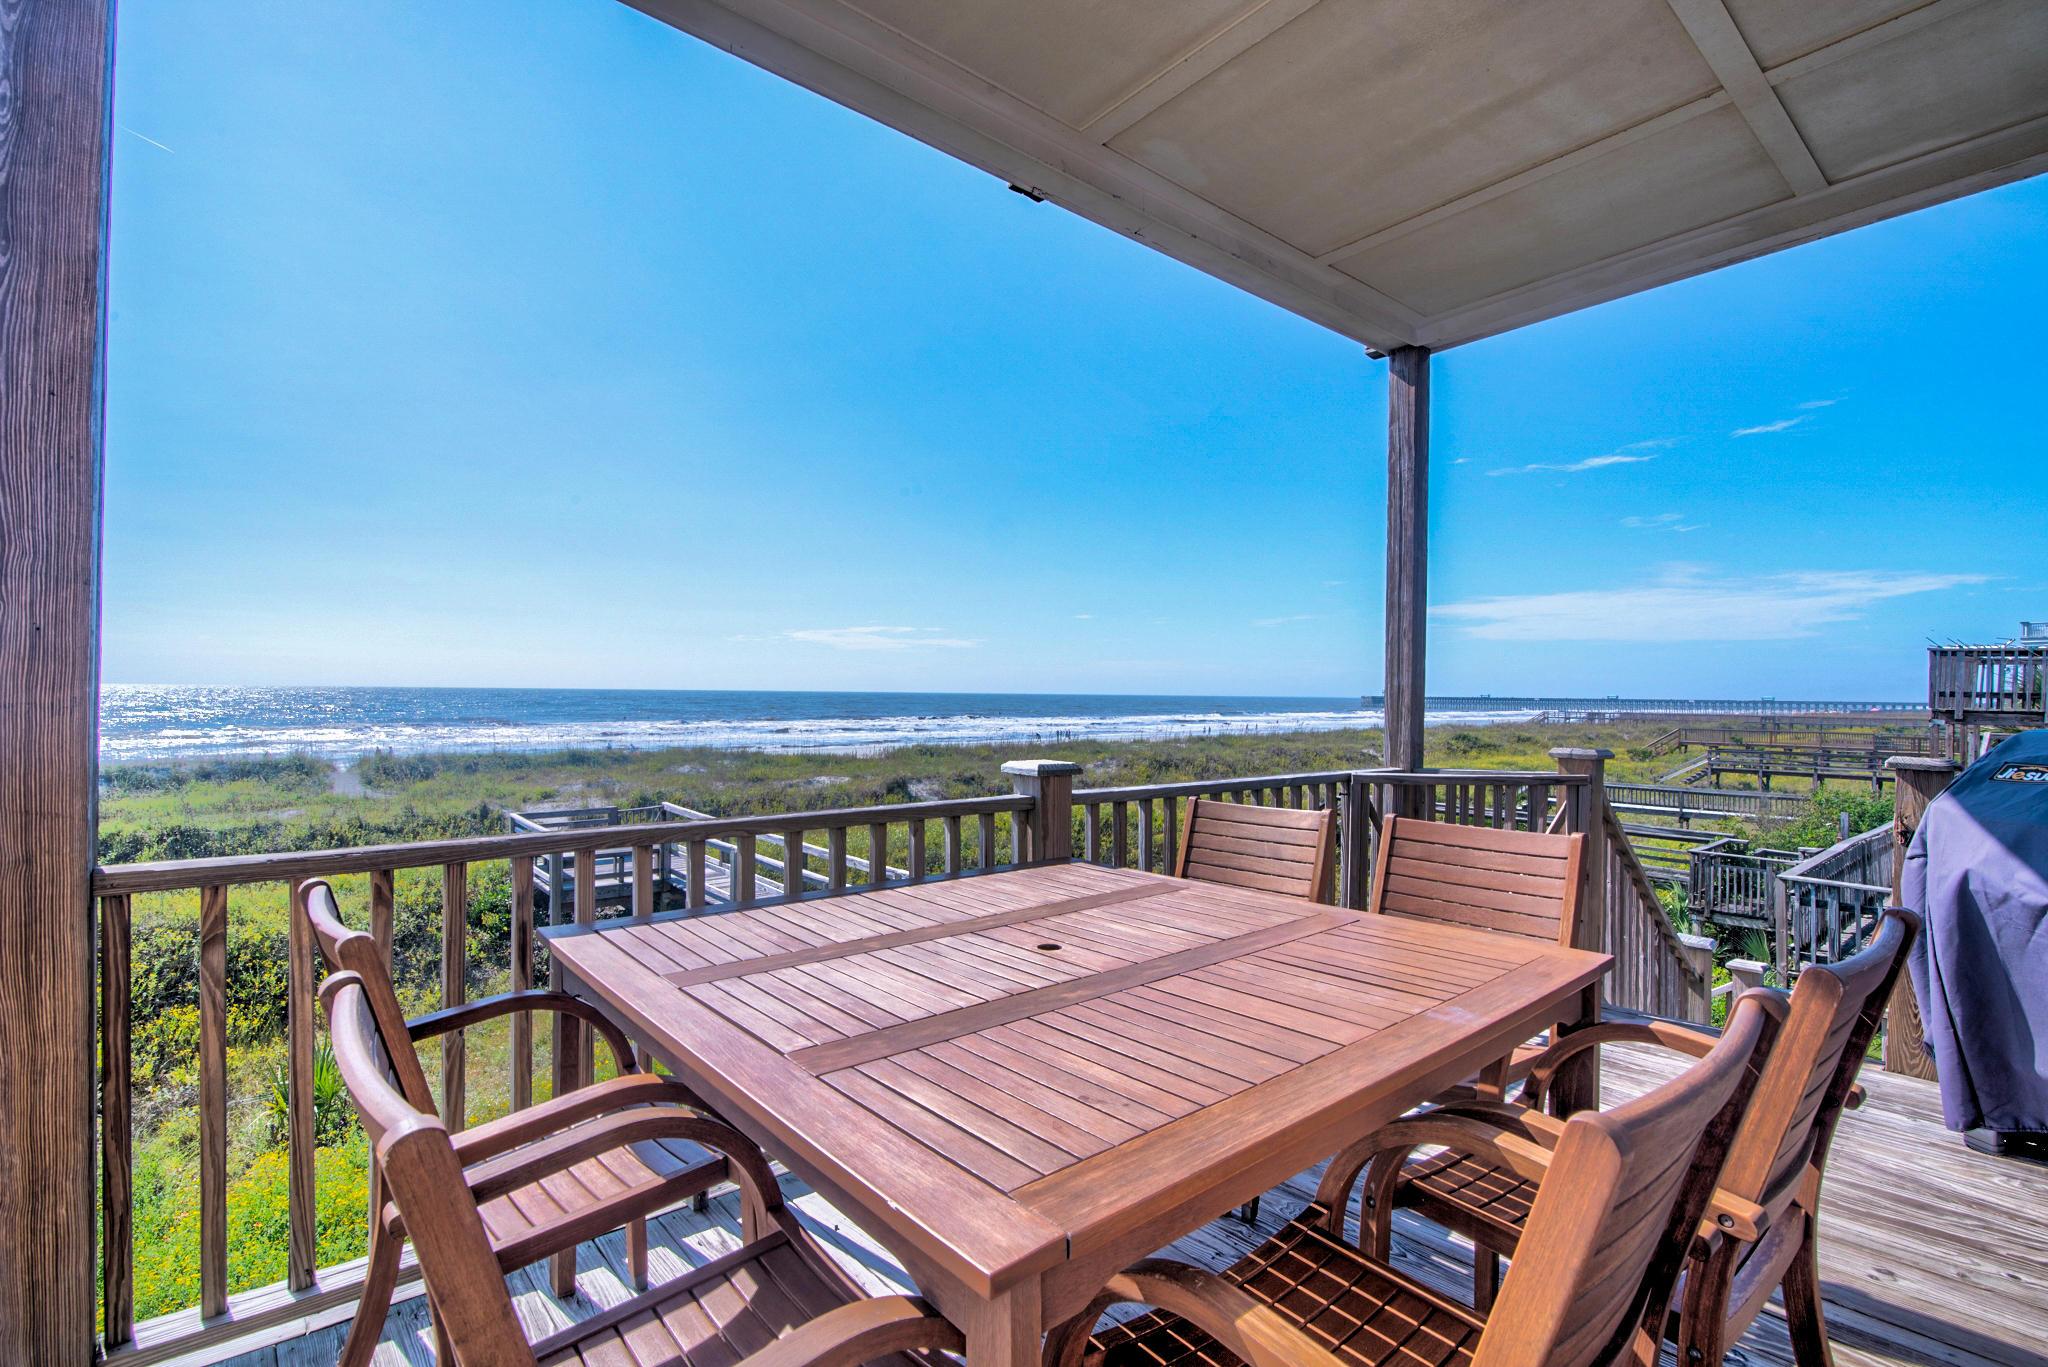 Folly Beach Homes For Sale - 319 Arctic, Folly Beach, SC - 25